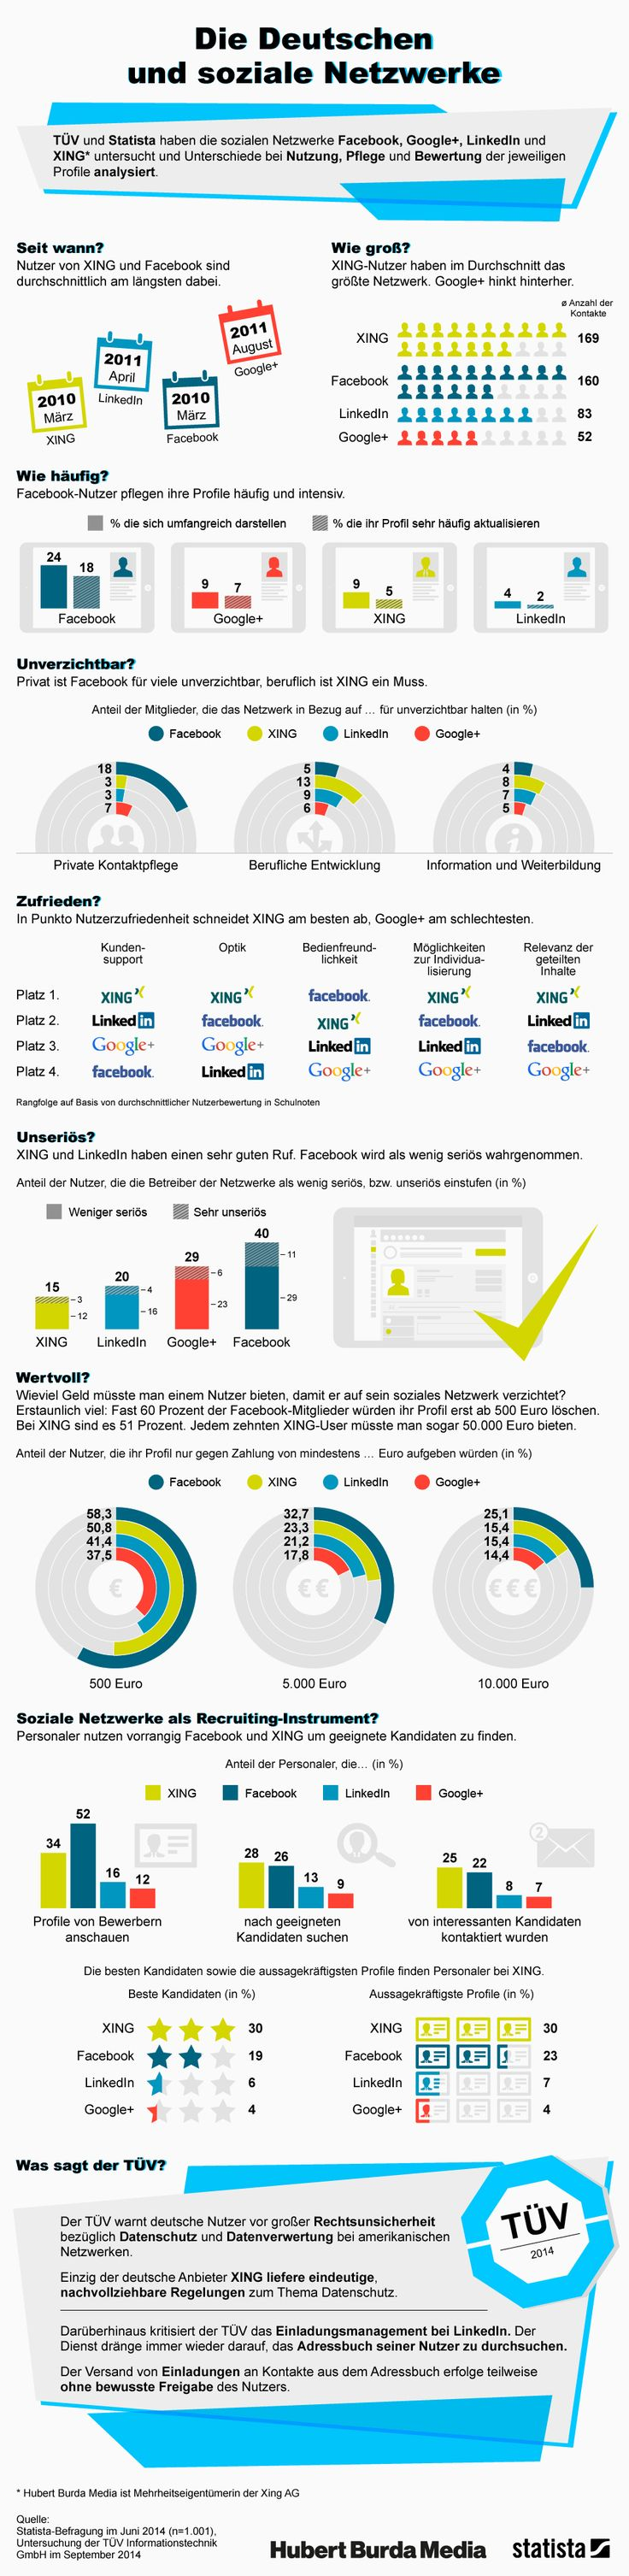 Burda-Studiehttp://ethority.de/weblog/2014/11/03/wie-viel-ist-dem-deutschen-sein-facebook-oder-xing-account-wert/